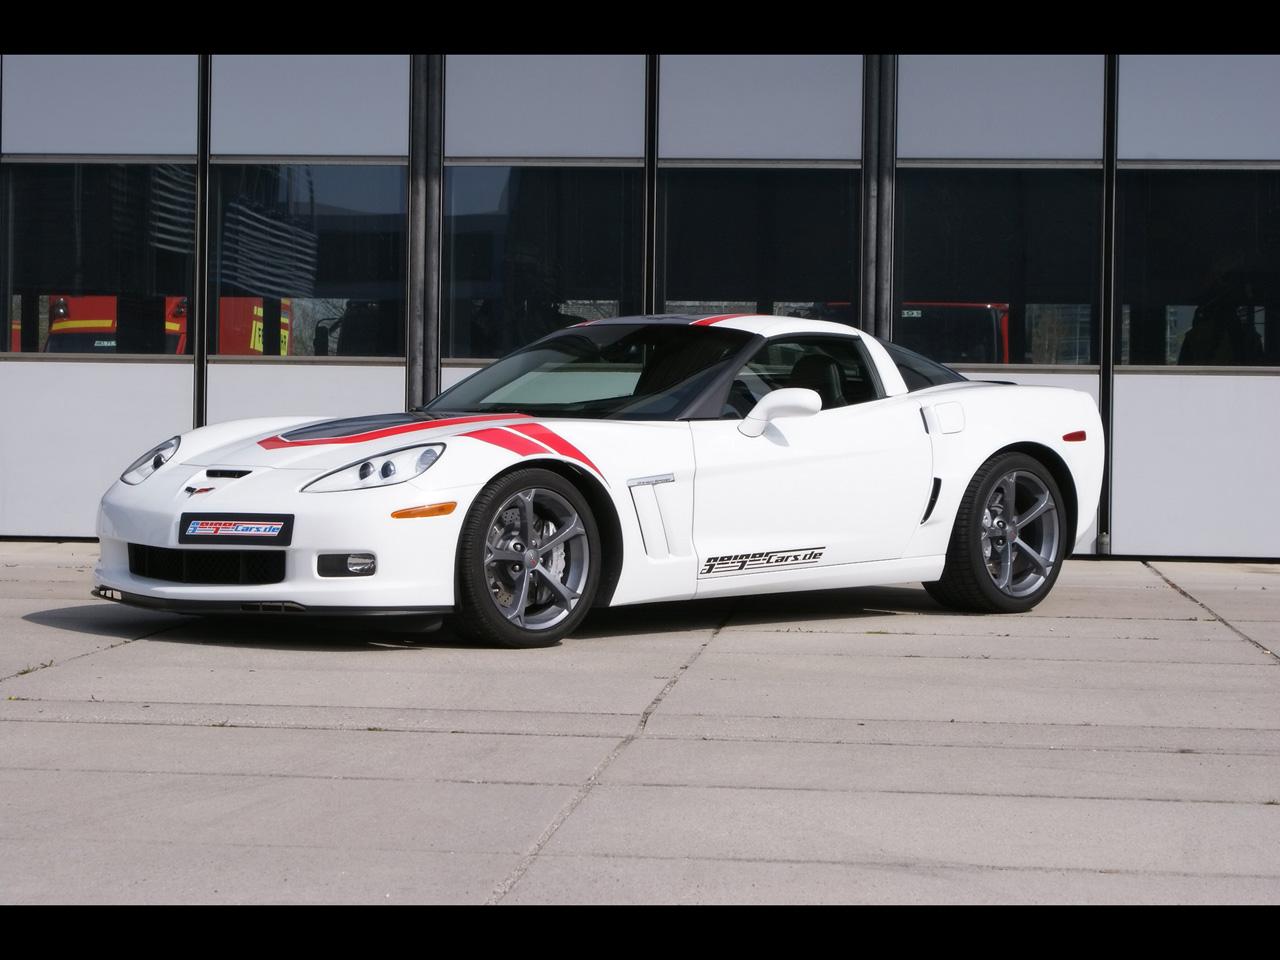 http://3.bp.blogspot.com/-DRuXYXMgnSM/TfyyYK38u6I/AAAAAAAAAnU/4eKxI3EXwqc/s1600/2010-GeigerCars-Corvette-Grand-Sport-Free-Desktop-Car-Wallpaper.jpg